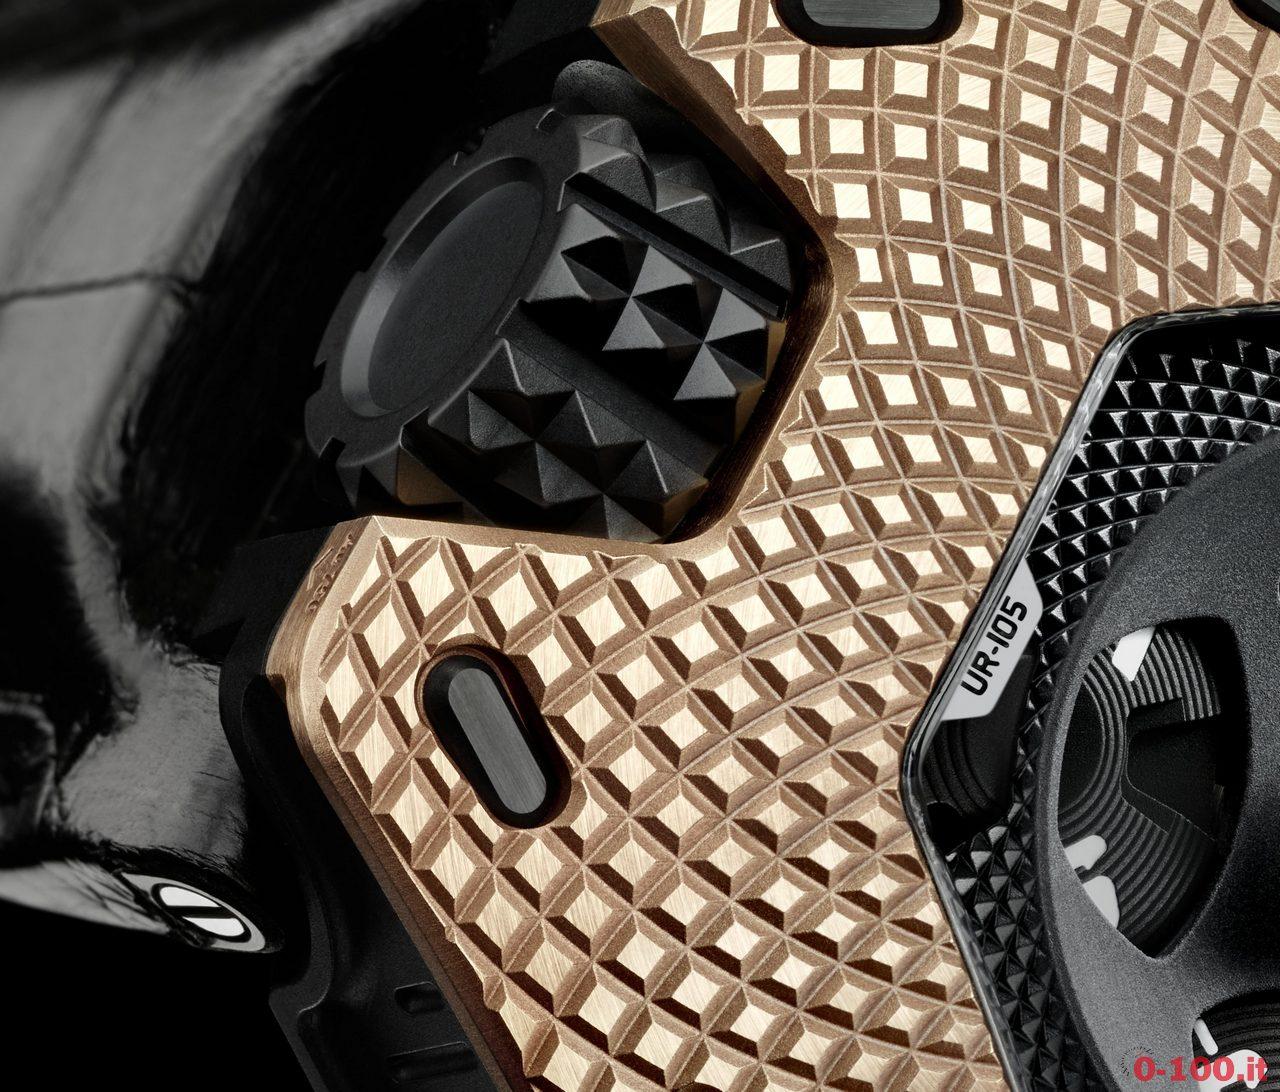 urwerk-ur-105-raging-gold-limited-edition-prezzo-price_0-1004